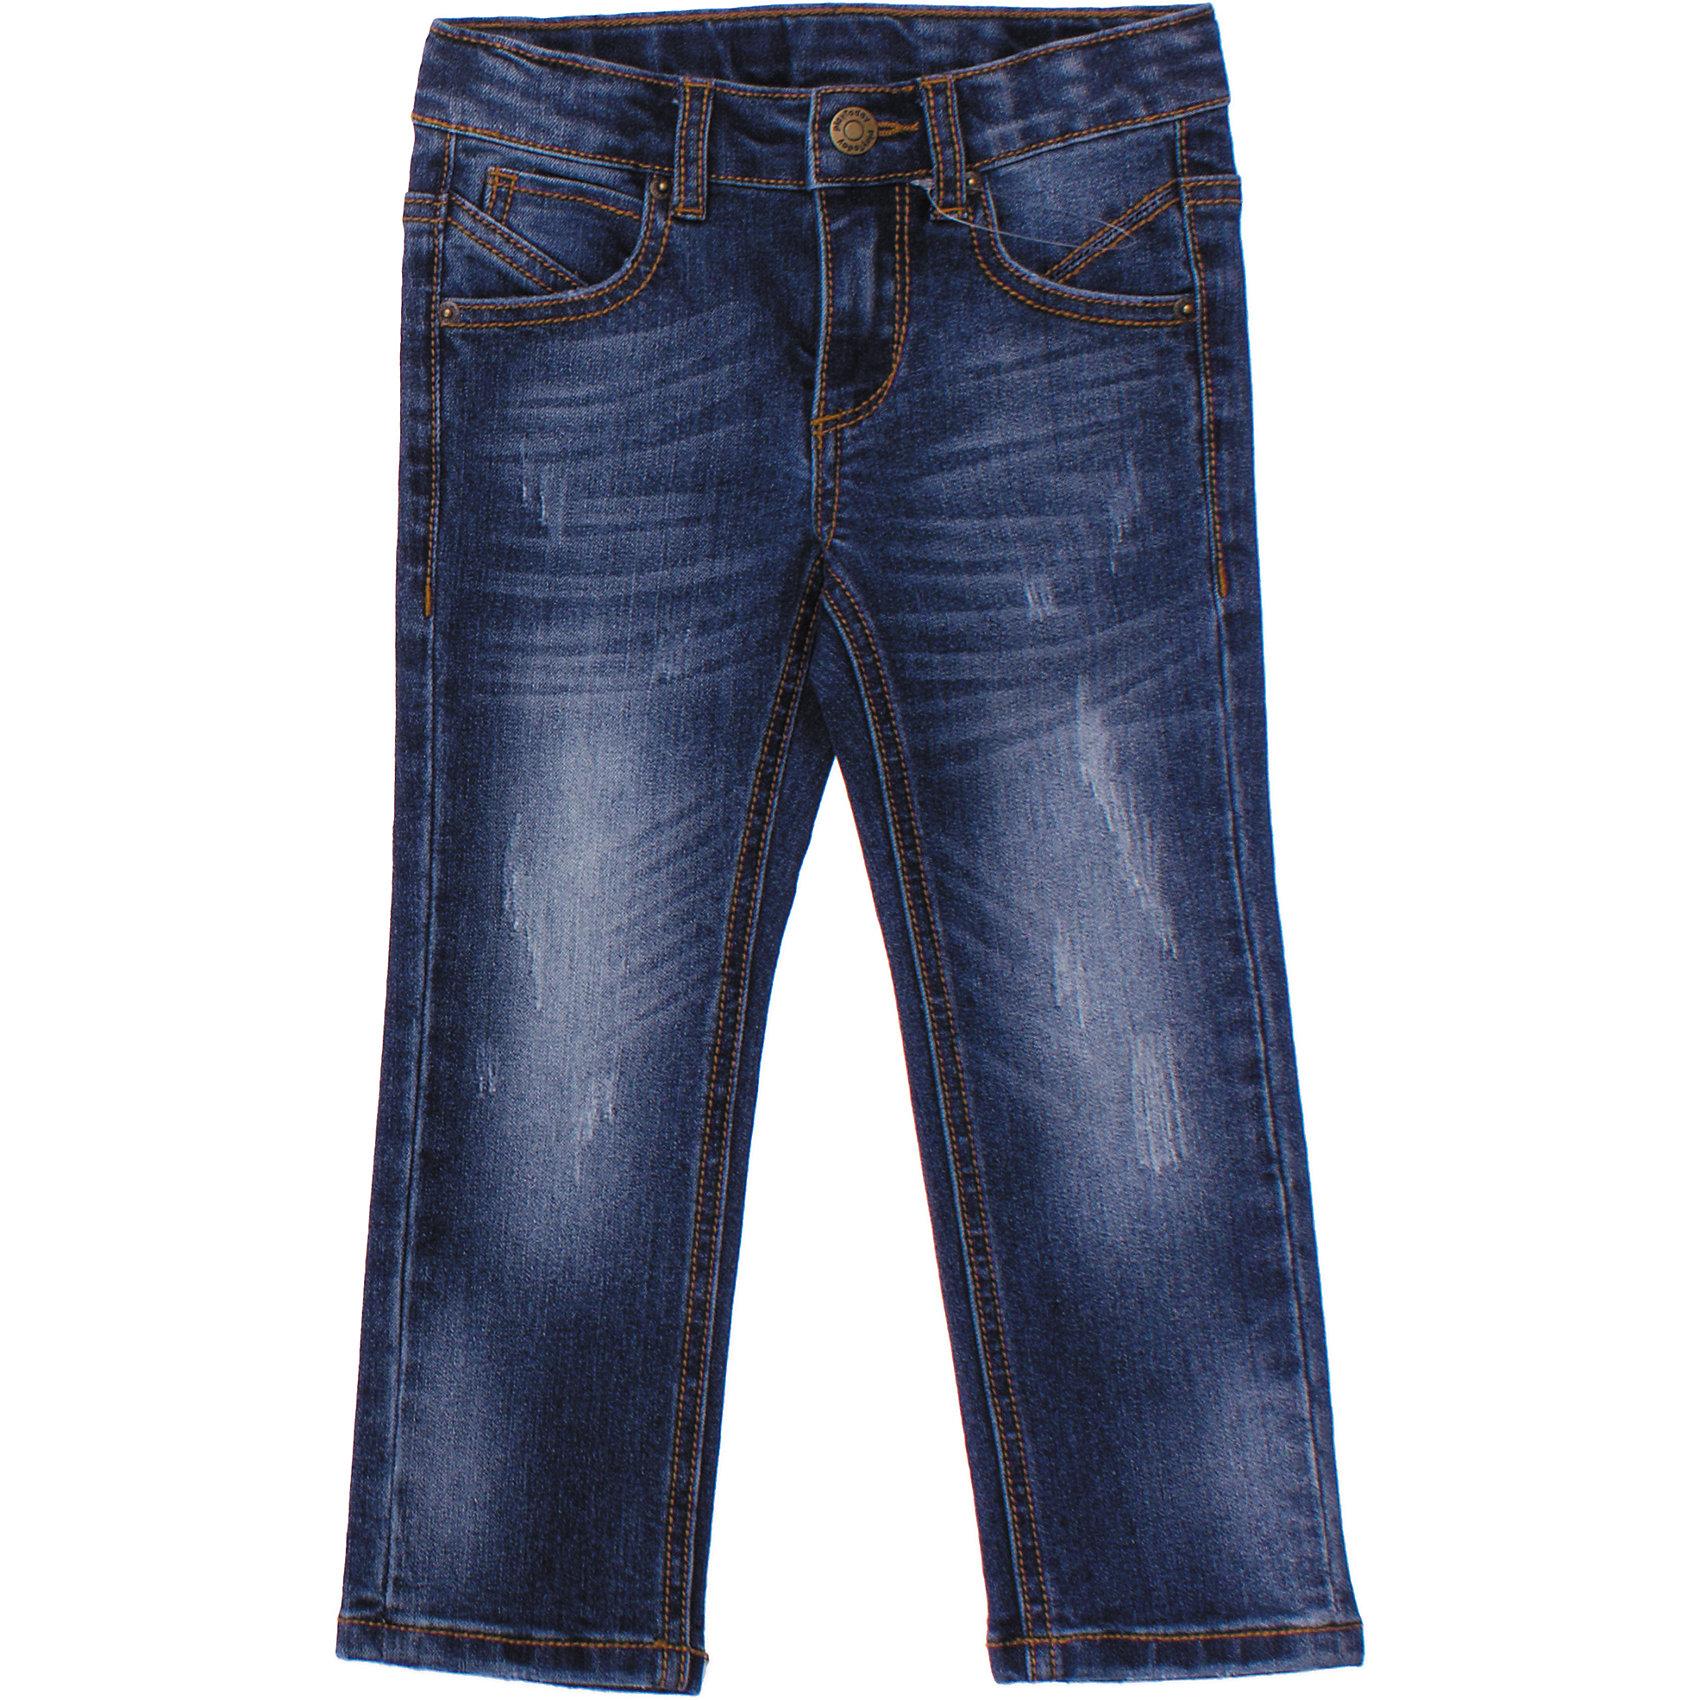 Джинсы для мальчика PlayTodayДжинсовая одежда<br>Стильные джинсы с эффектом потертости. Застегиваются на молнию и металлическую кнопку. Есть петельки для ремня. 4 функциональных кармана. Состав: 68% хлопок, 30% полиэстер, 2% эластан<br><br>Ширина мм: 215<br>Глубина мм: 88<br>Высота мм: 191<br>Вес г: 336<br>Цвет: синий<br>Возраст от месяцев: 24<br>Возраст до месяцев: 36<br>Пол: Мужской<br>Возраст: Детский<br>Размер: 98,110,128,122,116,104<br>SKU: 4652428